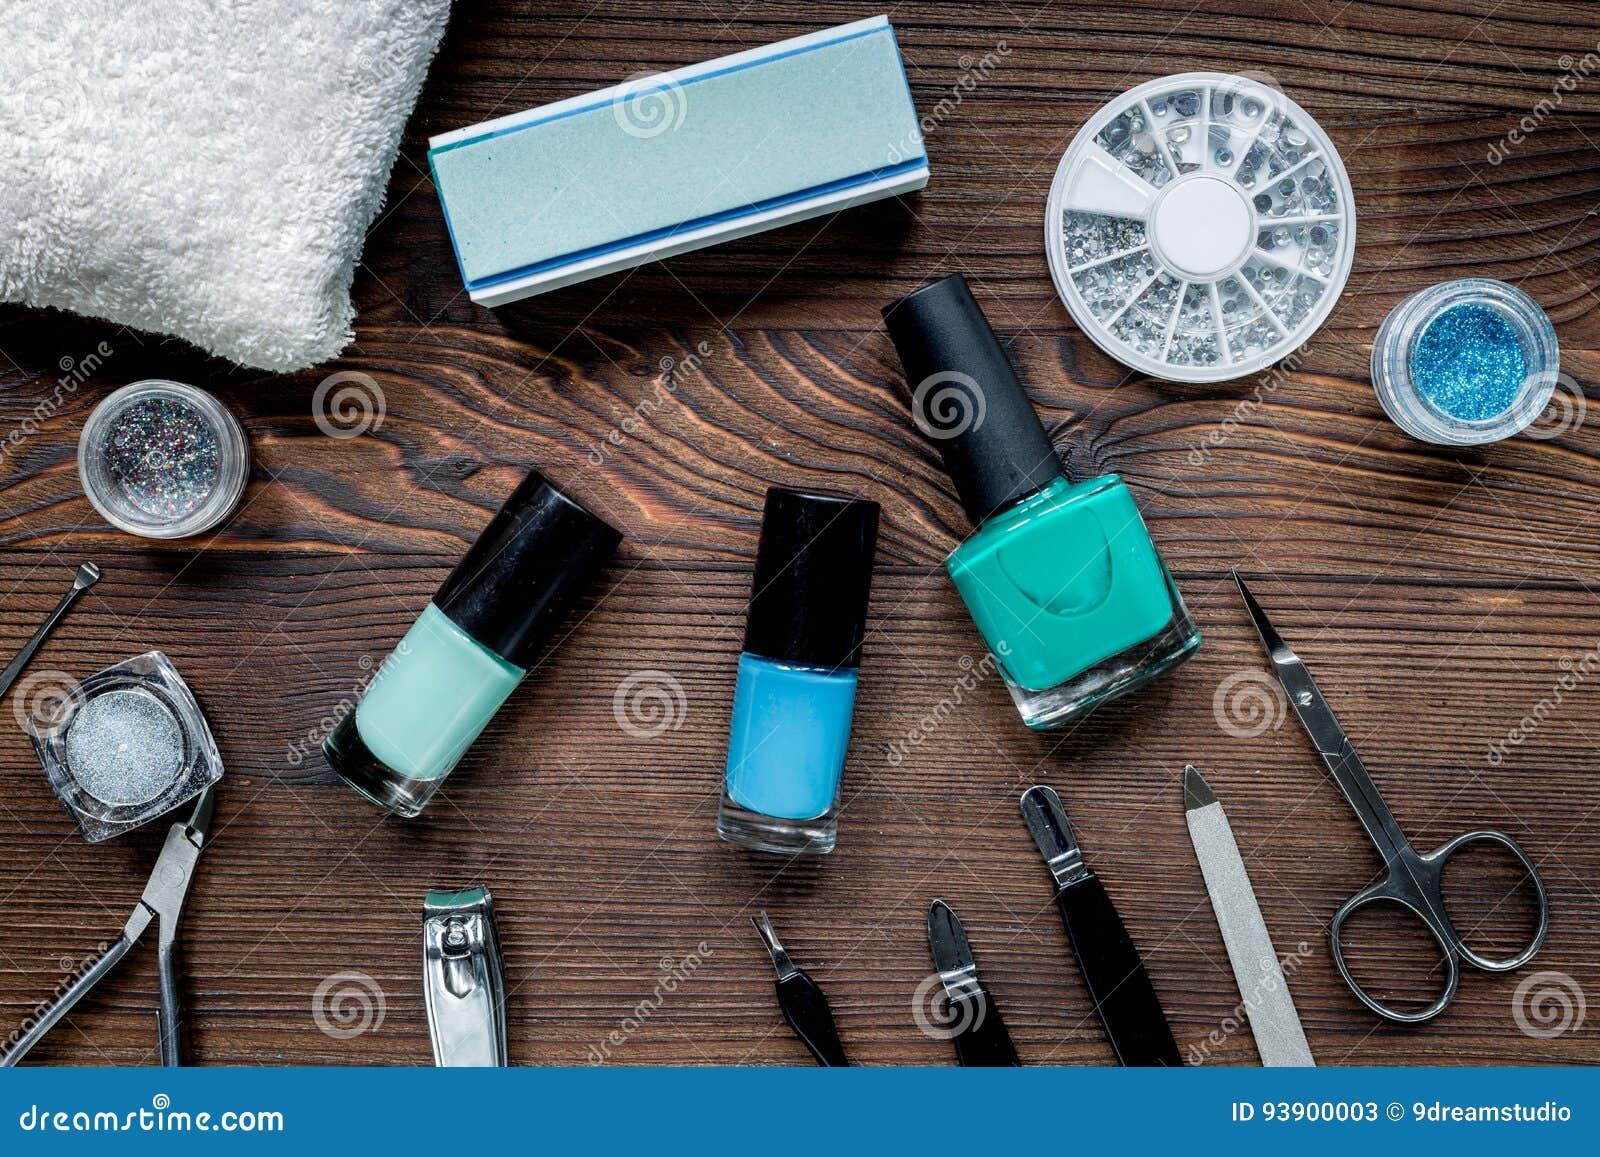 Lne table À ongles manucure bureau pour personnes avec